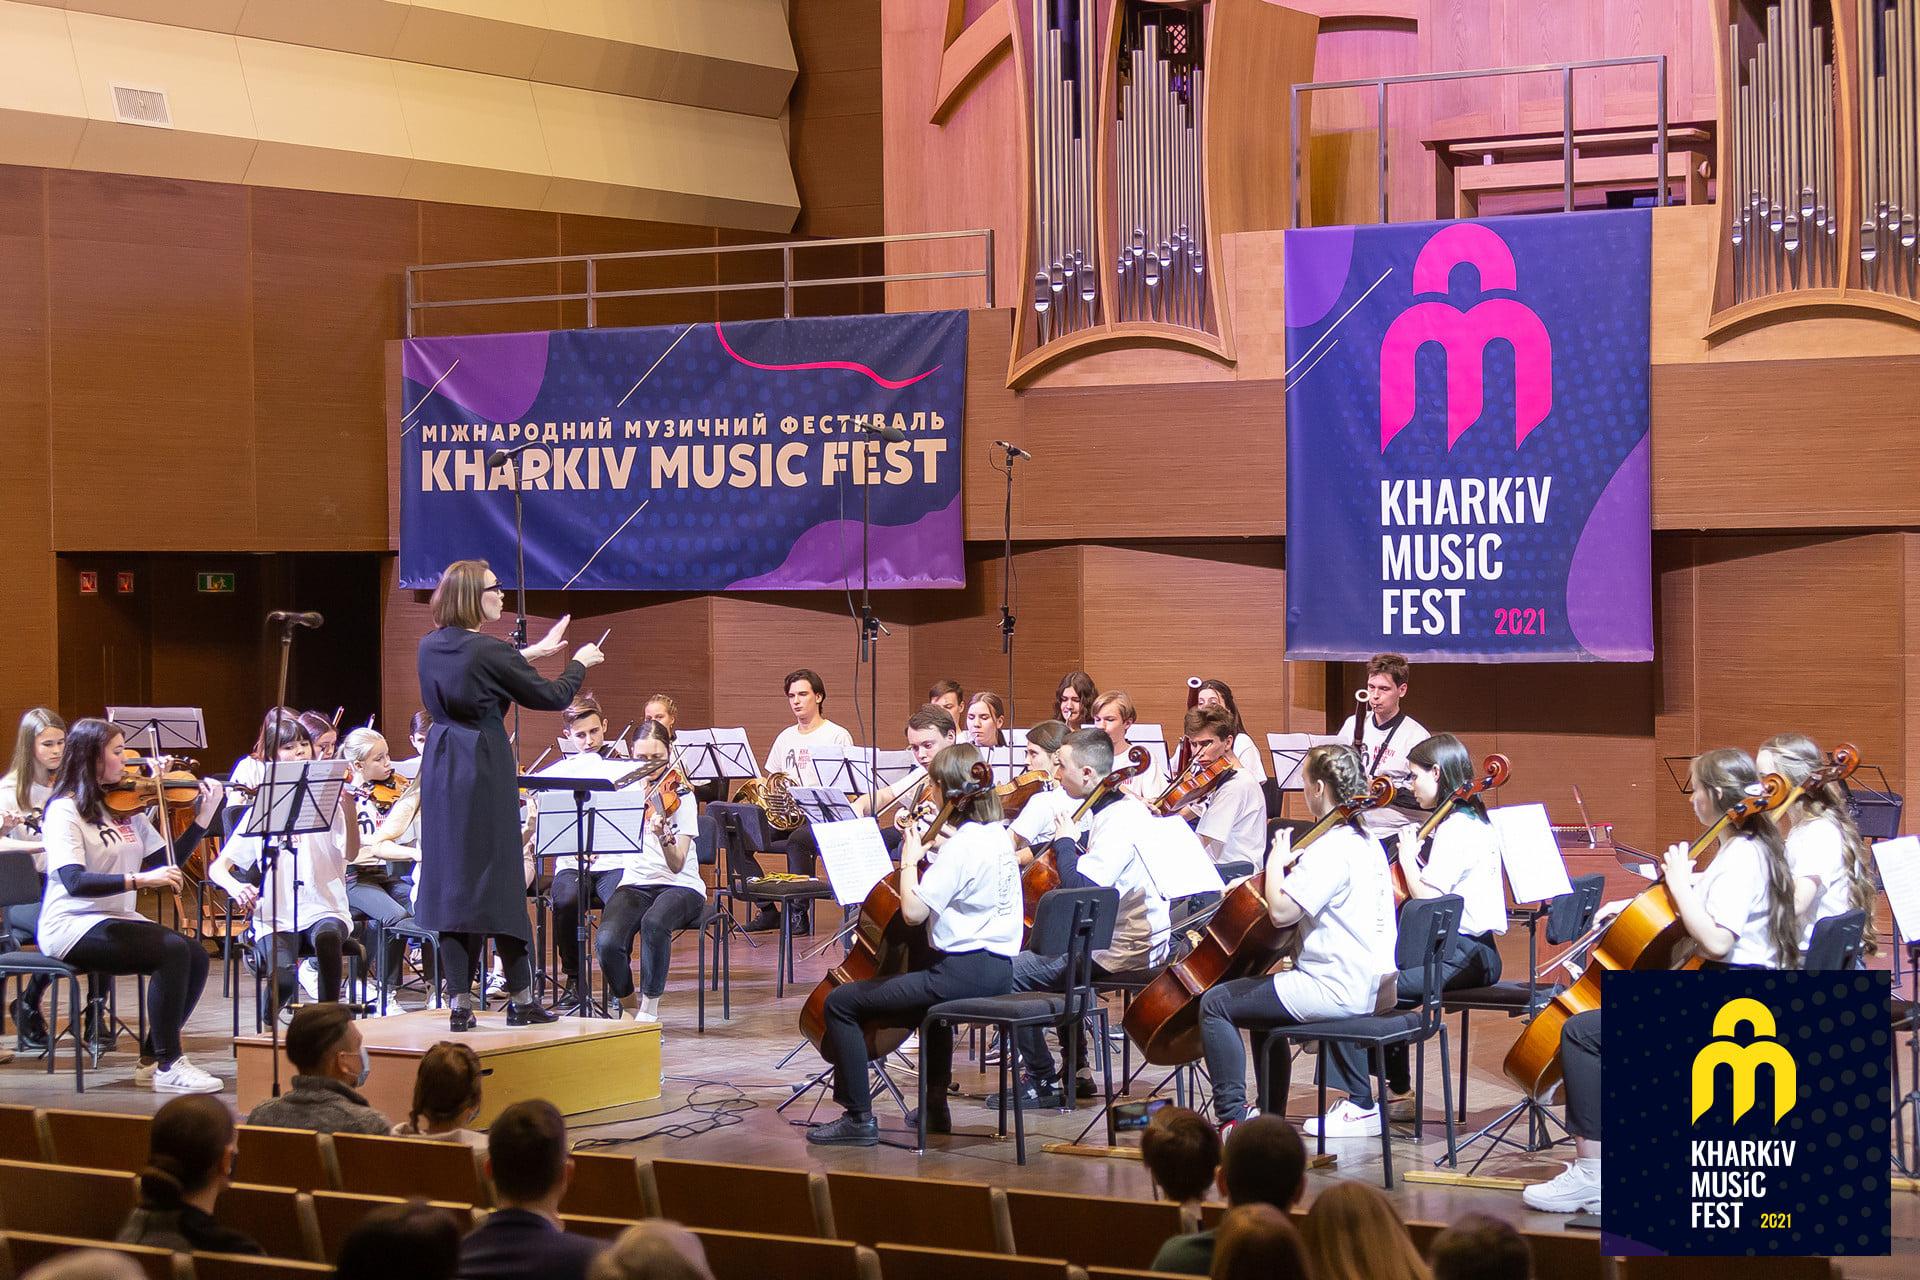 Пол Льюис, сонатный марафон, два фестивальных оркестра: стала известна программа KharkivMusicFest 2021 фото